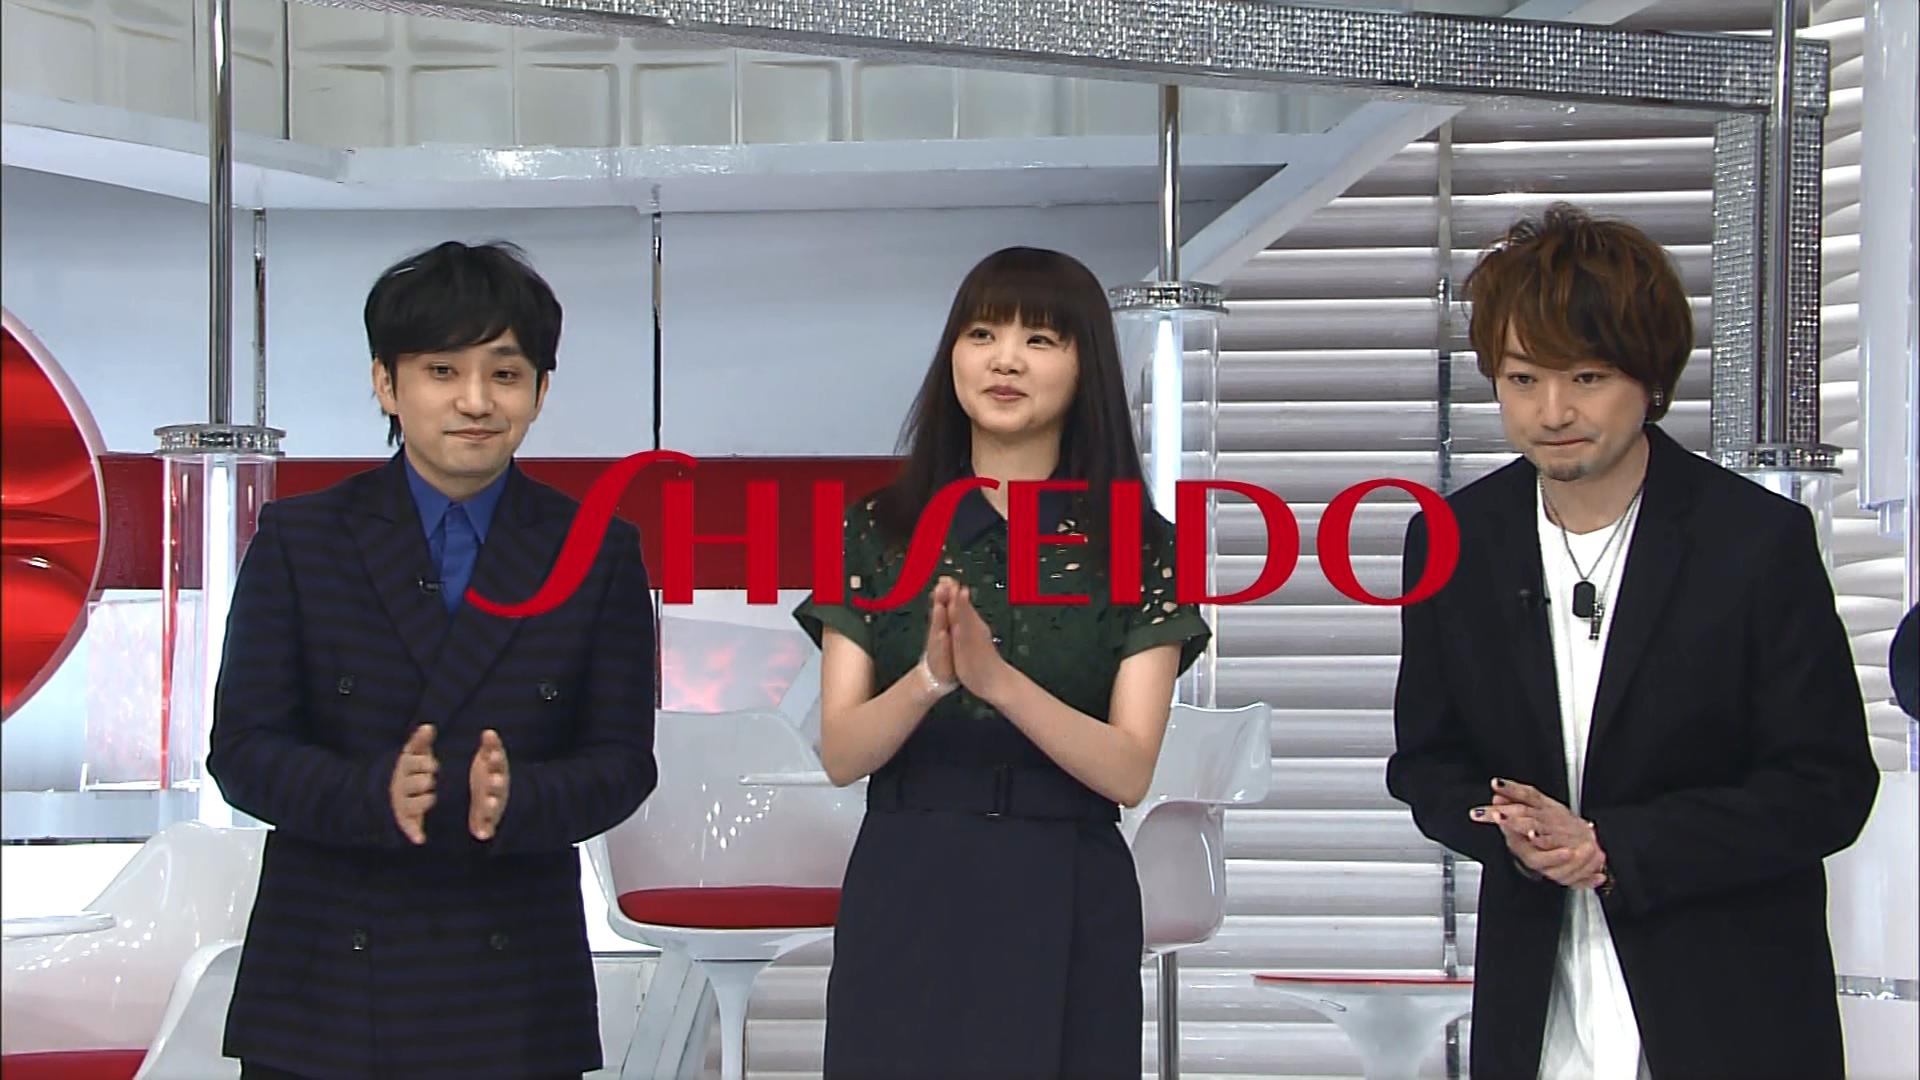 2016.03.13 全場(おしゃれイズム).ts_20160314_013501.158